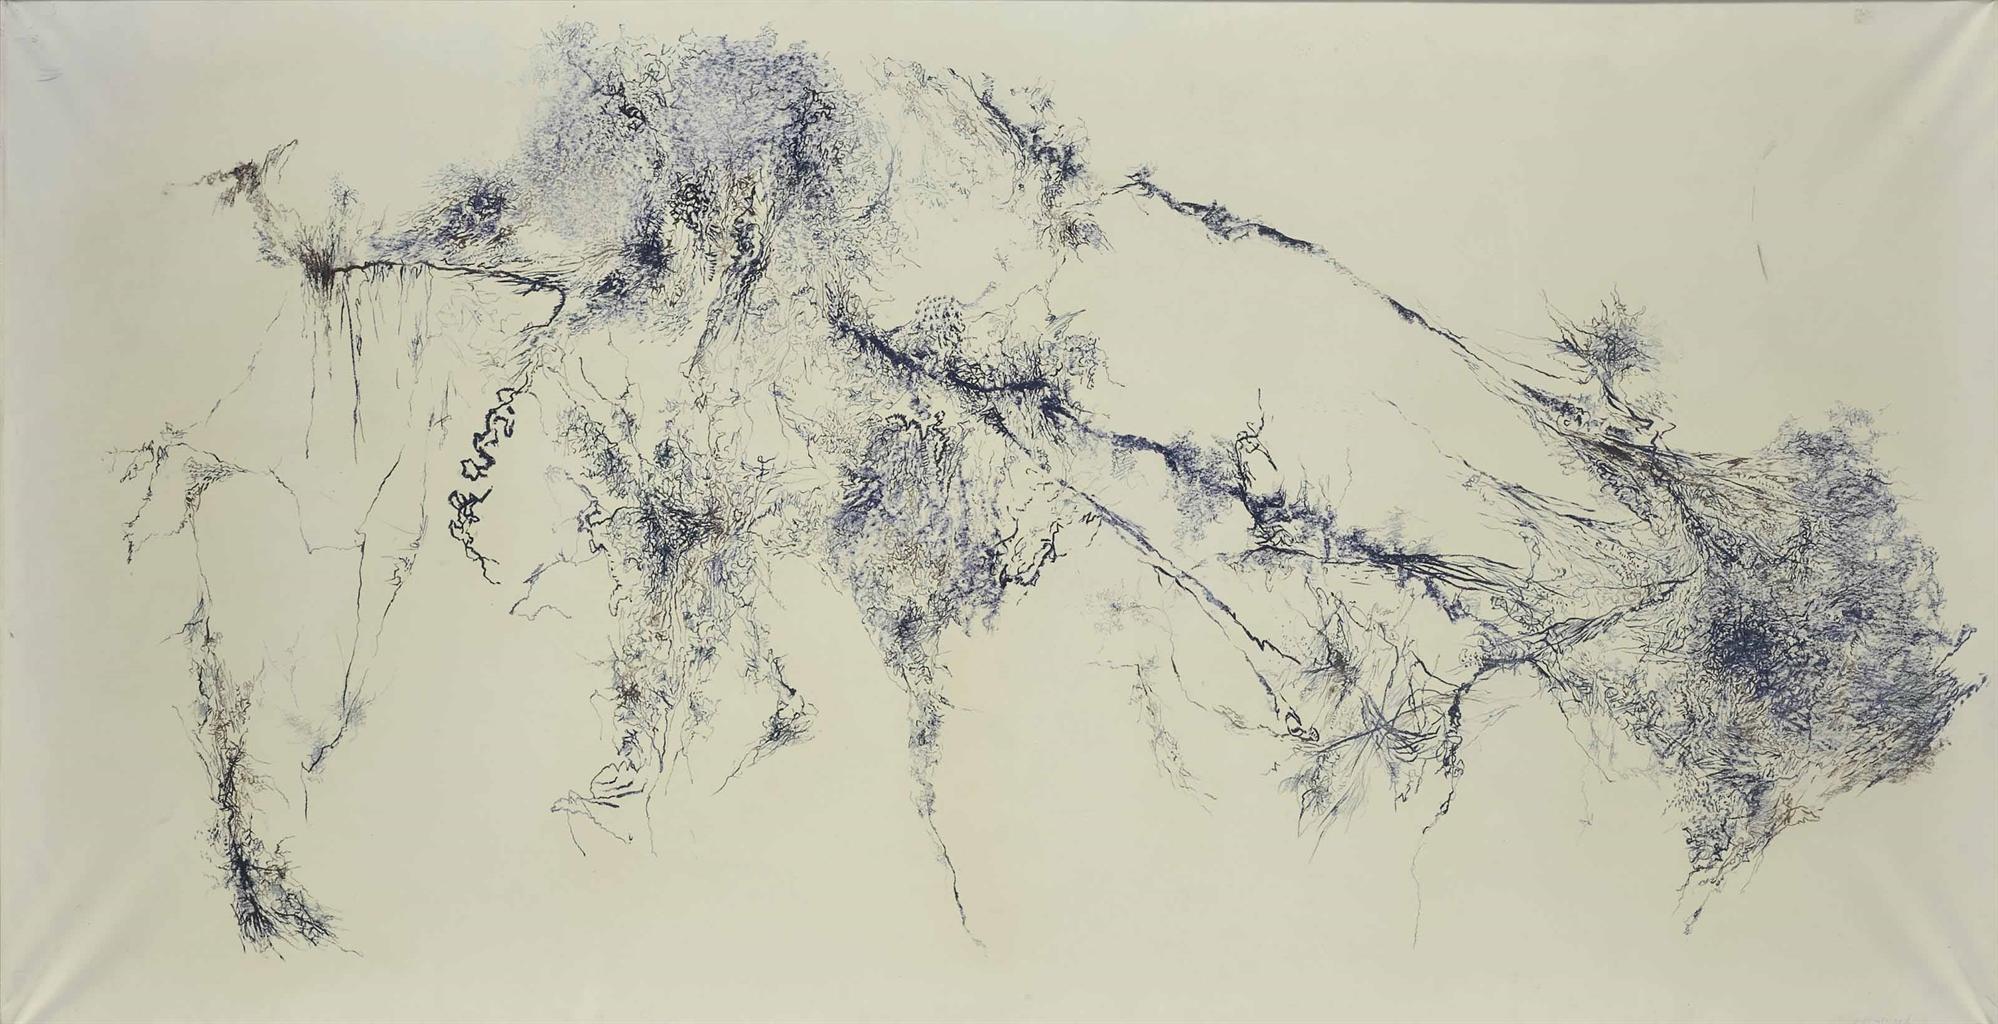 Bernard Schultze-Composition 1-11-59-1959